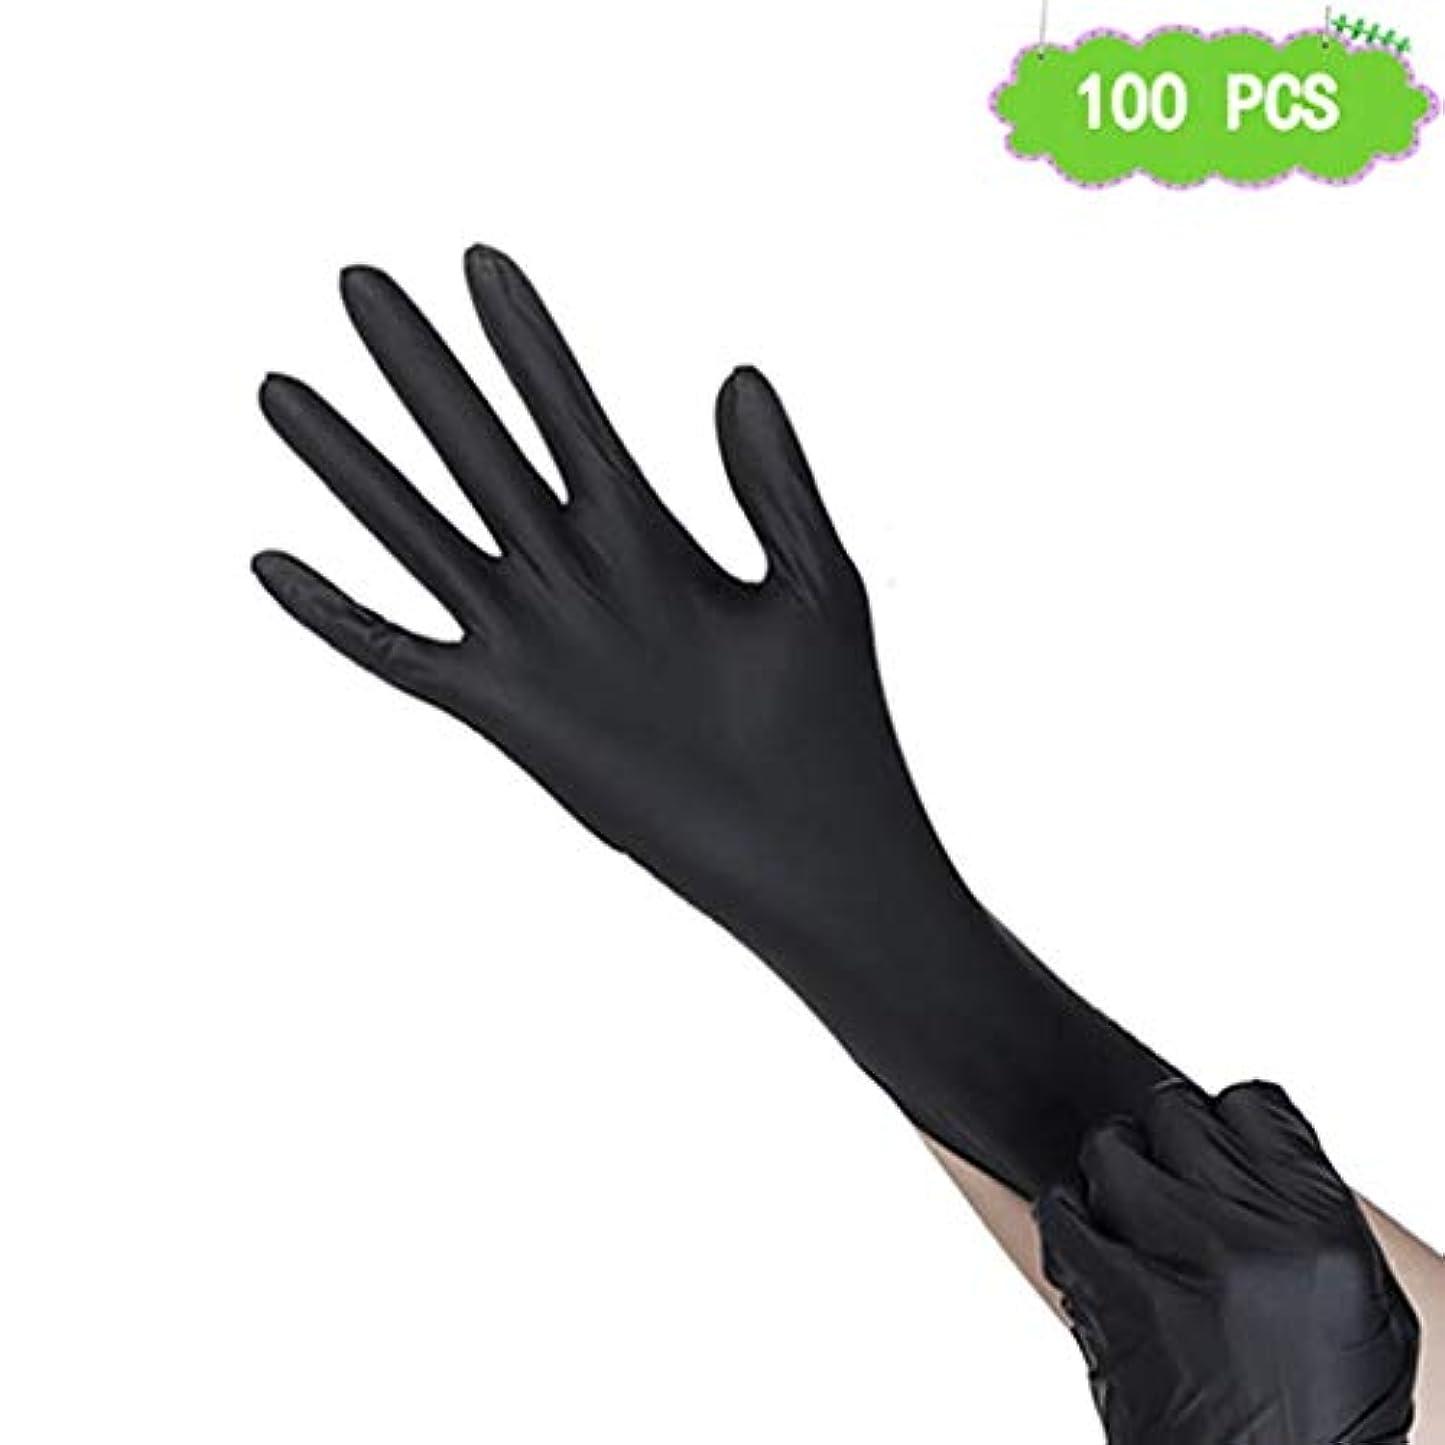 ニトリル手袋、黒刺繍タトゥー理髪滑り止め使い捨て手袋ペットケアネイルアート検査保護実験、美容院ラテックスフリー、、 100個 (Size : L)